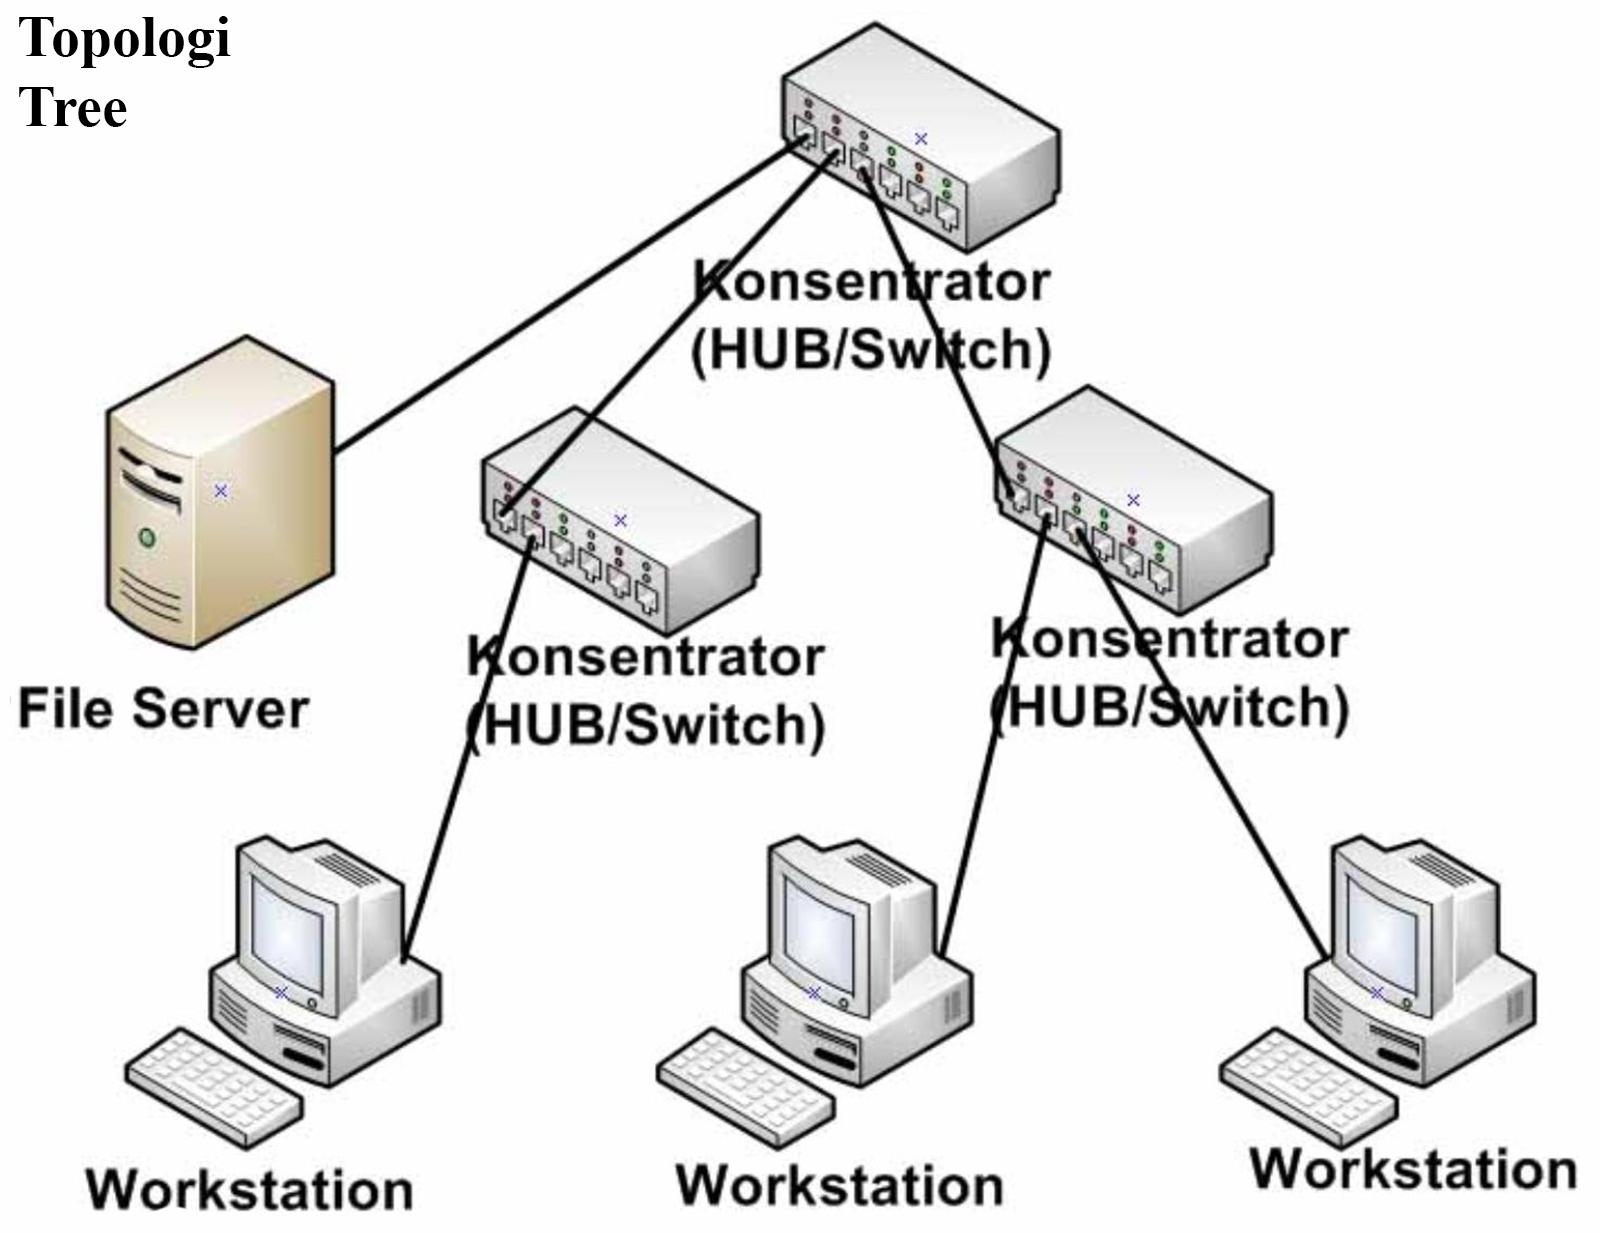 8 topologi jaringan komputer lengkap kelebihan dan kekurangannya topologi jaringan tree ccuart Gallery